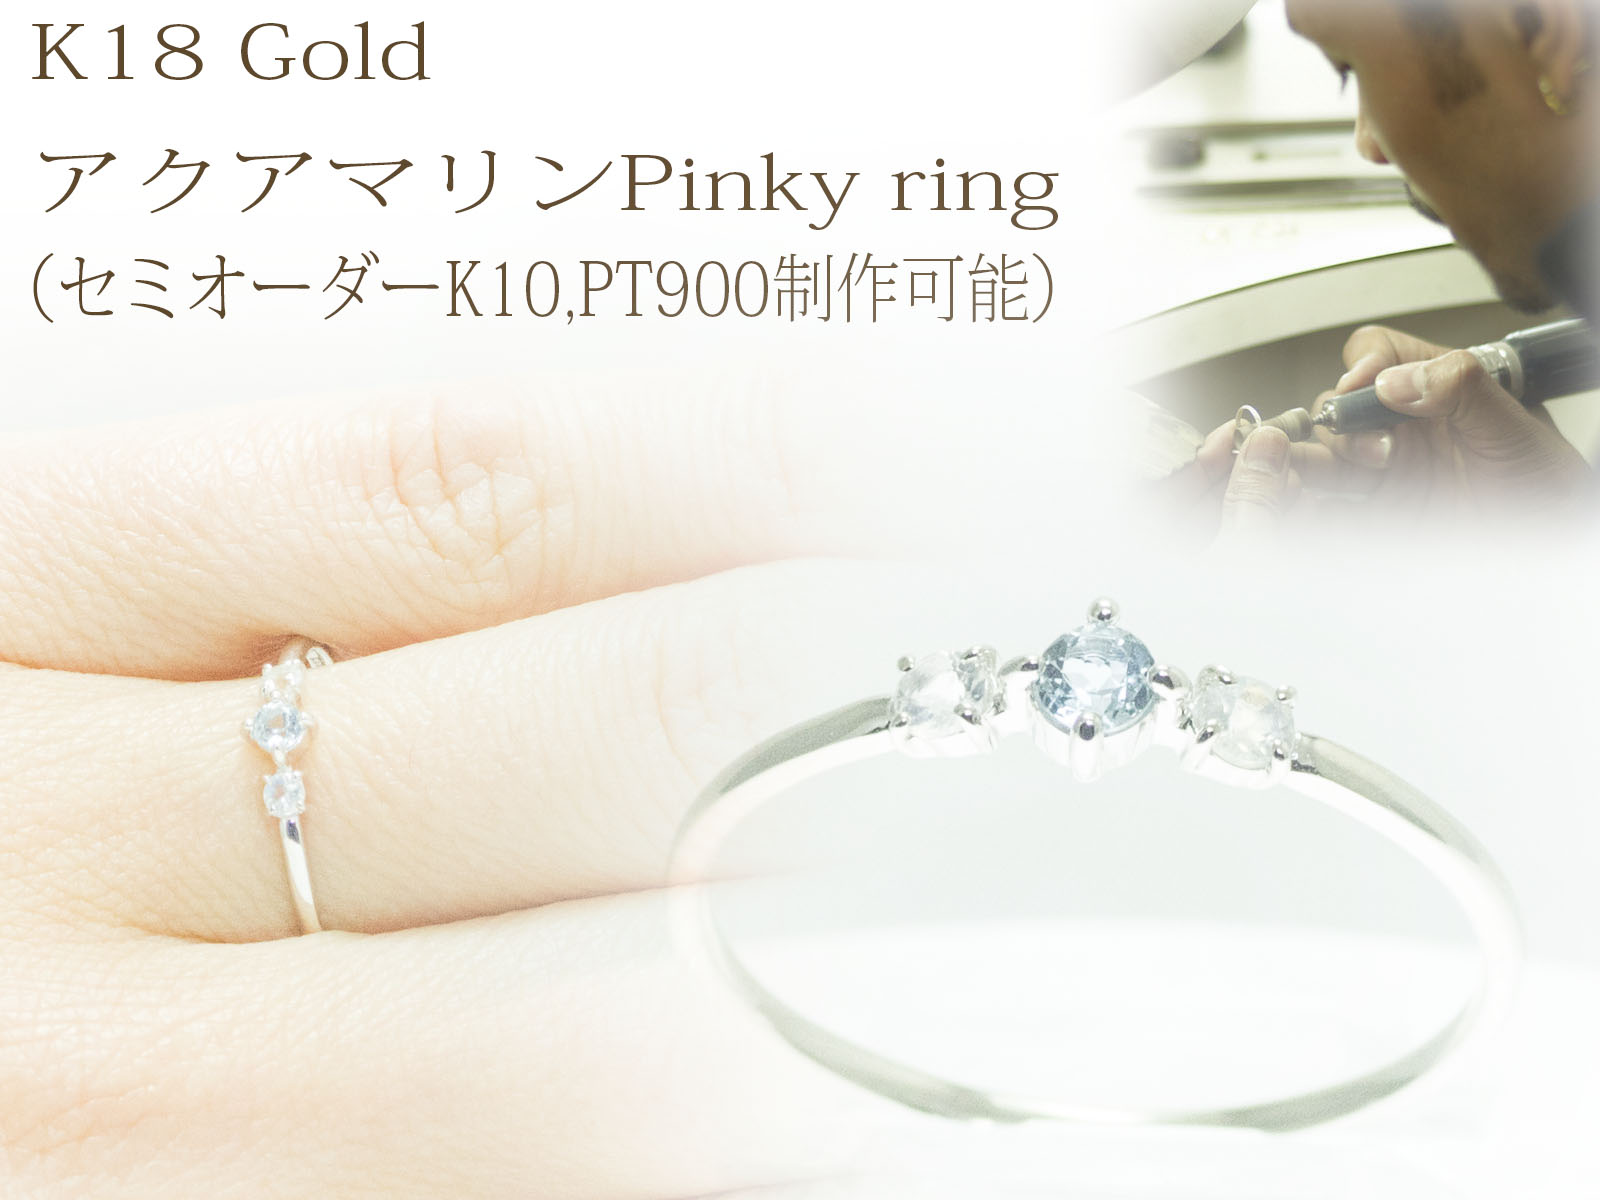 結婚指輪 マリッジリング K18 ゴールド アクアマリン ムーンストーン リング 18金 【 K10 PG ピンクゴールド WG ホワイトゴールド YG イエローゴールド pt900 プラチナ 選択】【ホワイトデー】